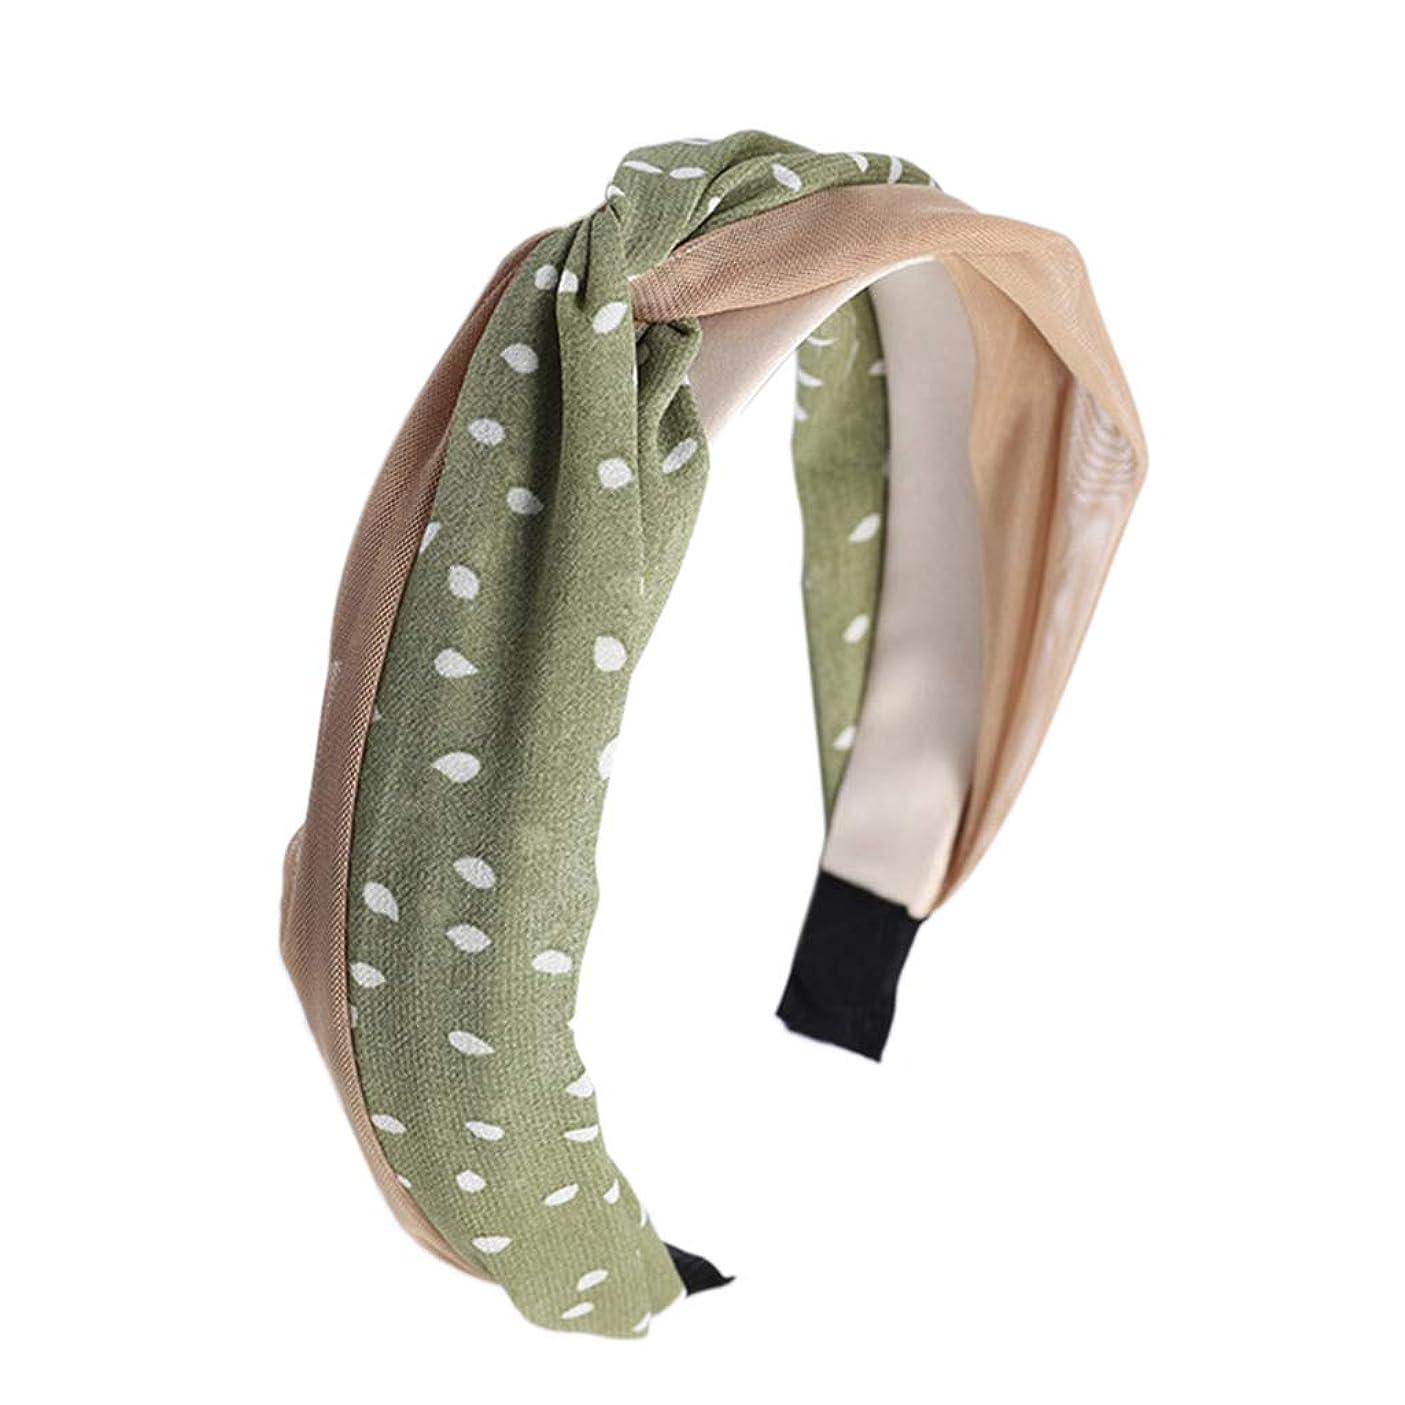 トラックベアリング古いManyao 韓国風の新鮮な女性のメッシュポルカドットヘッドバンドヴィンテージツイスト結び目ワイヤーヘアフープ (緑)